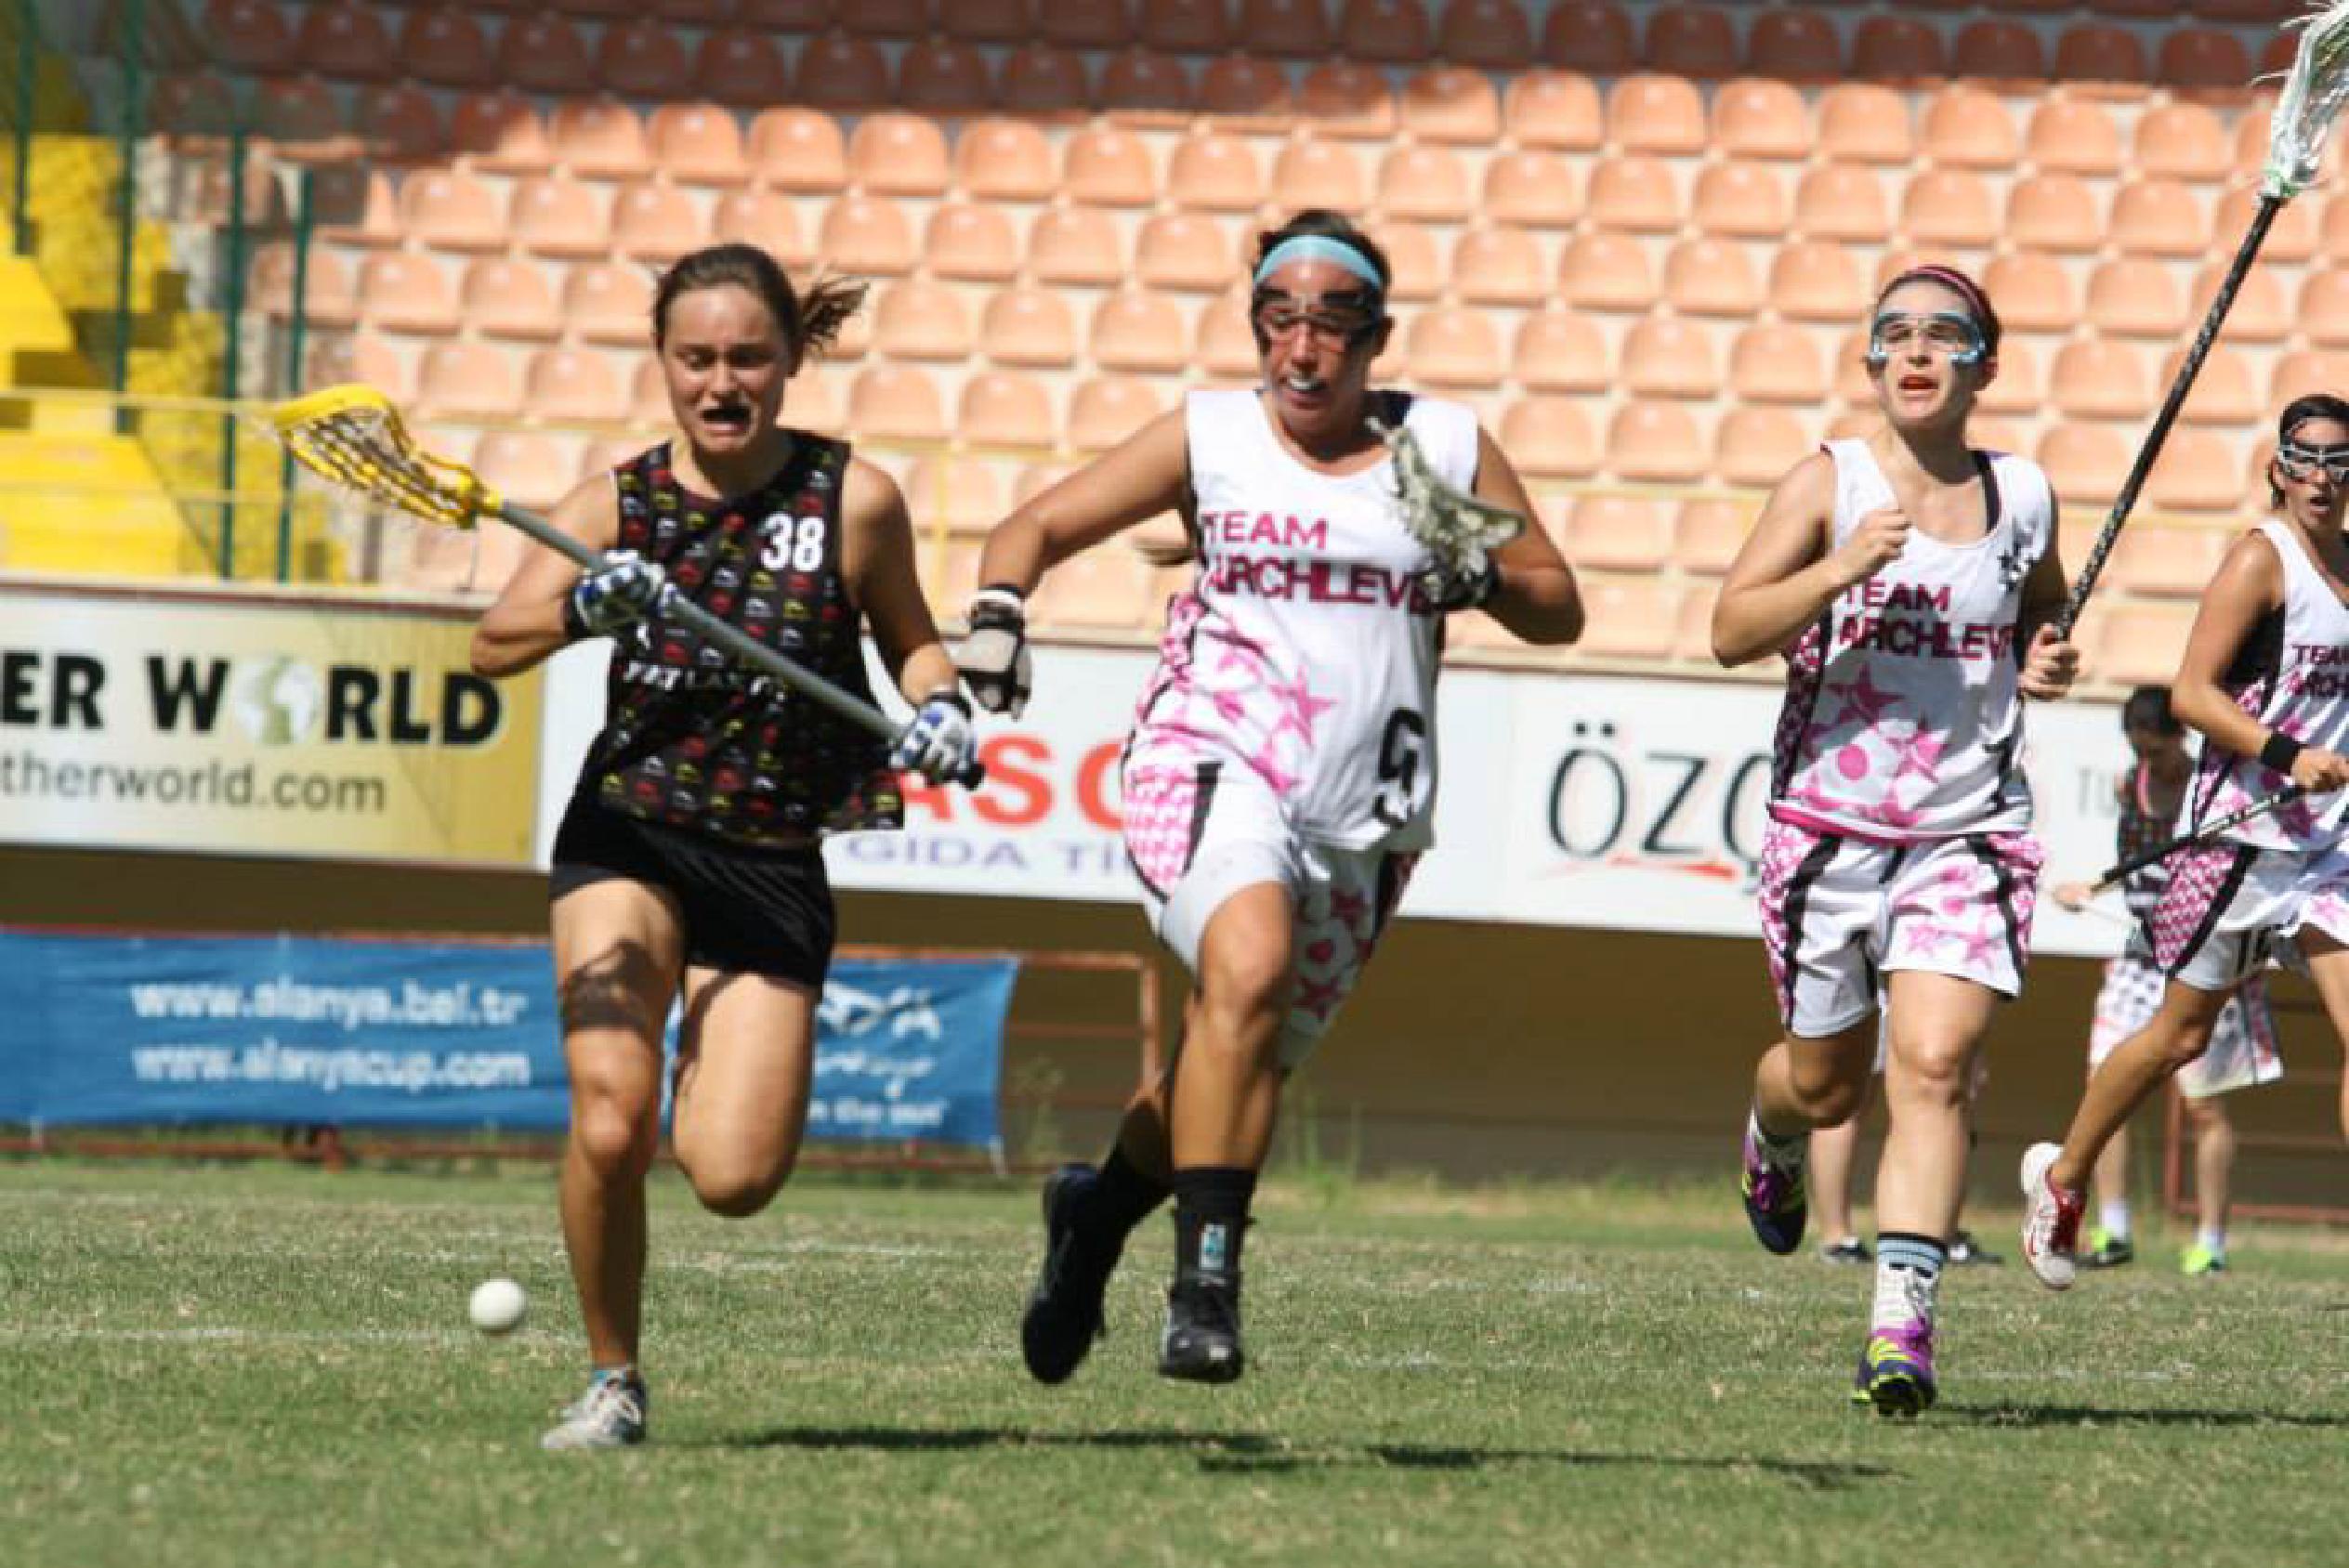 ArchLevel Lacrosse Womens Team Turkey Open 2013